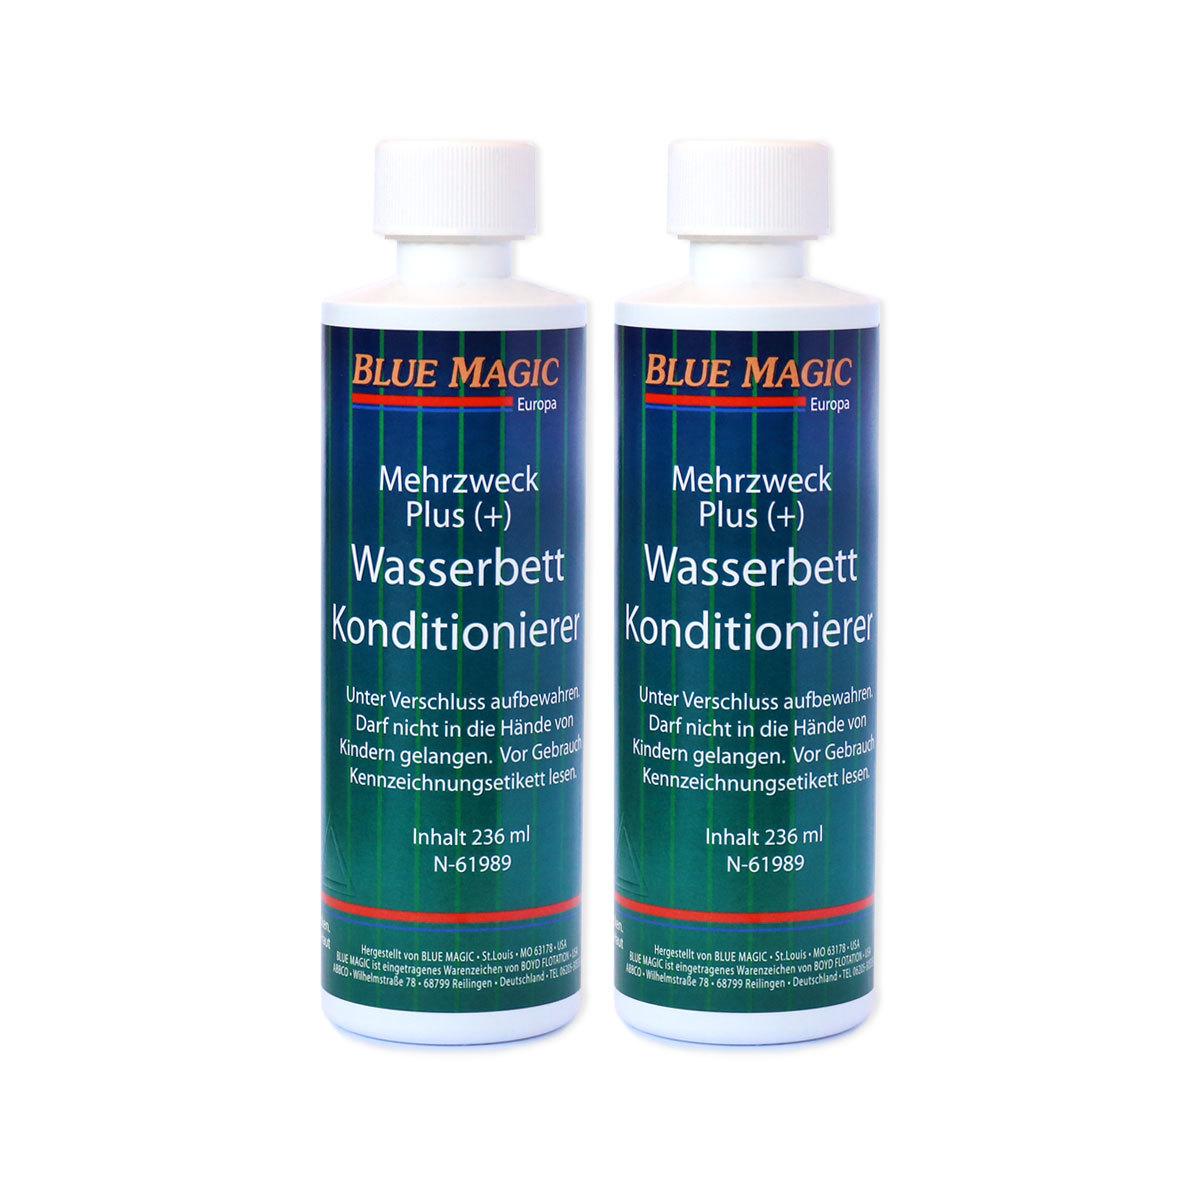 bluemagic wasserbett konditionierer 236 ml 2 flaschen g nstig online kaufen bei bettwaren shop. Black Bedroom Furniture Sets. Home Design Ideas